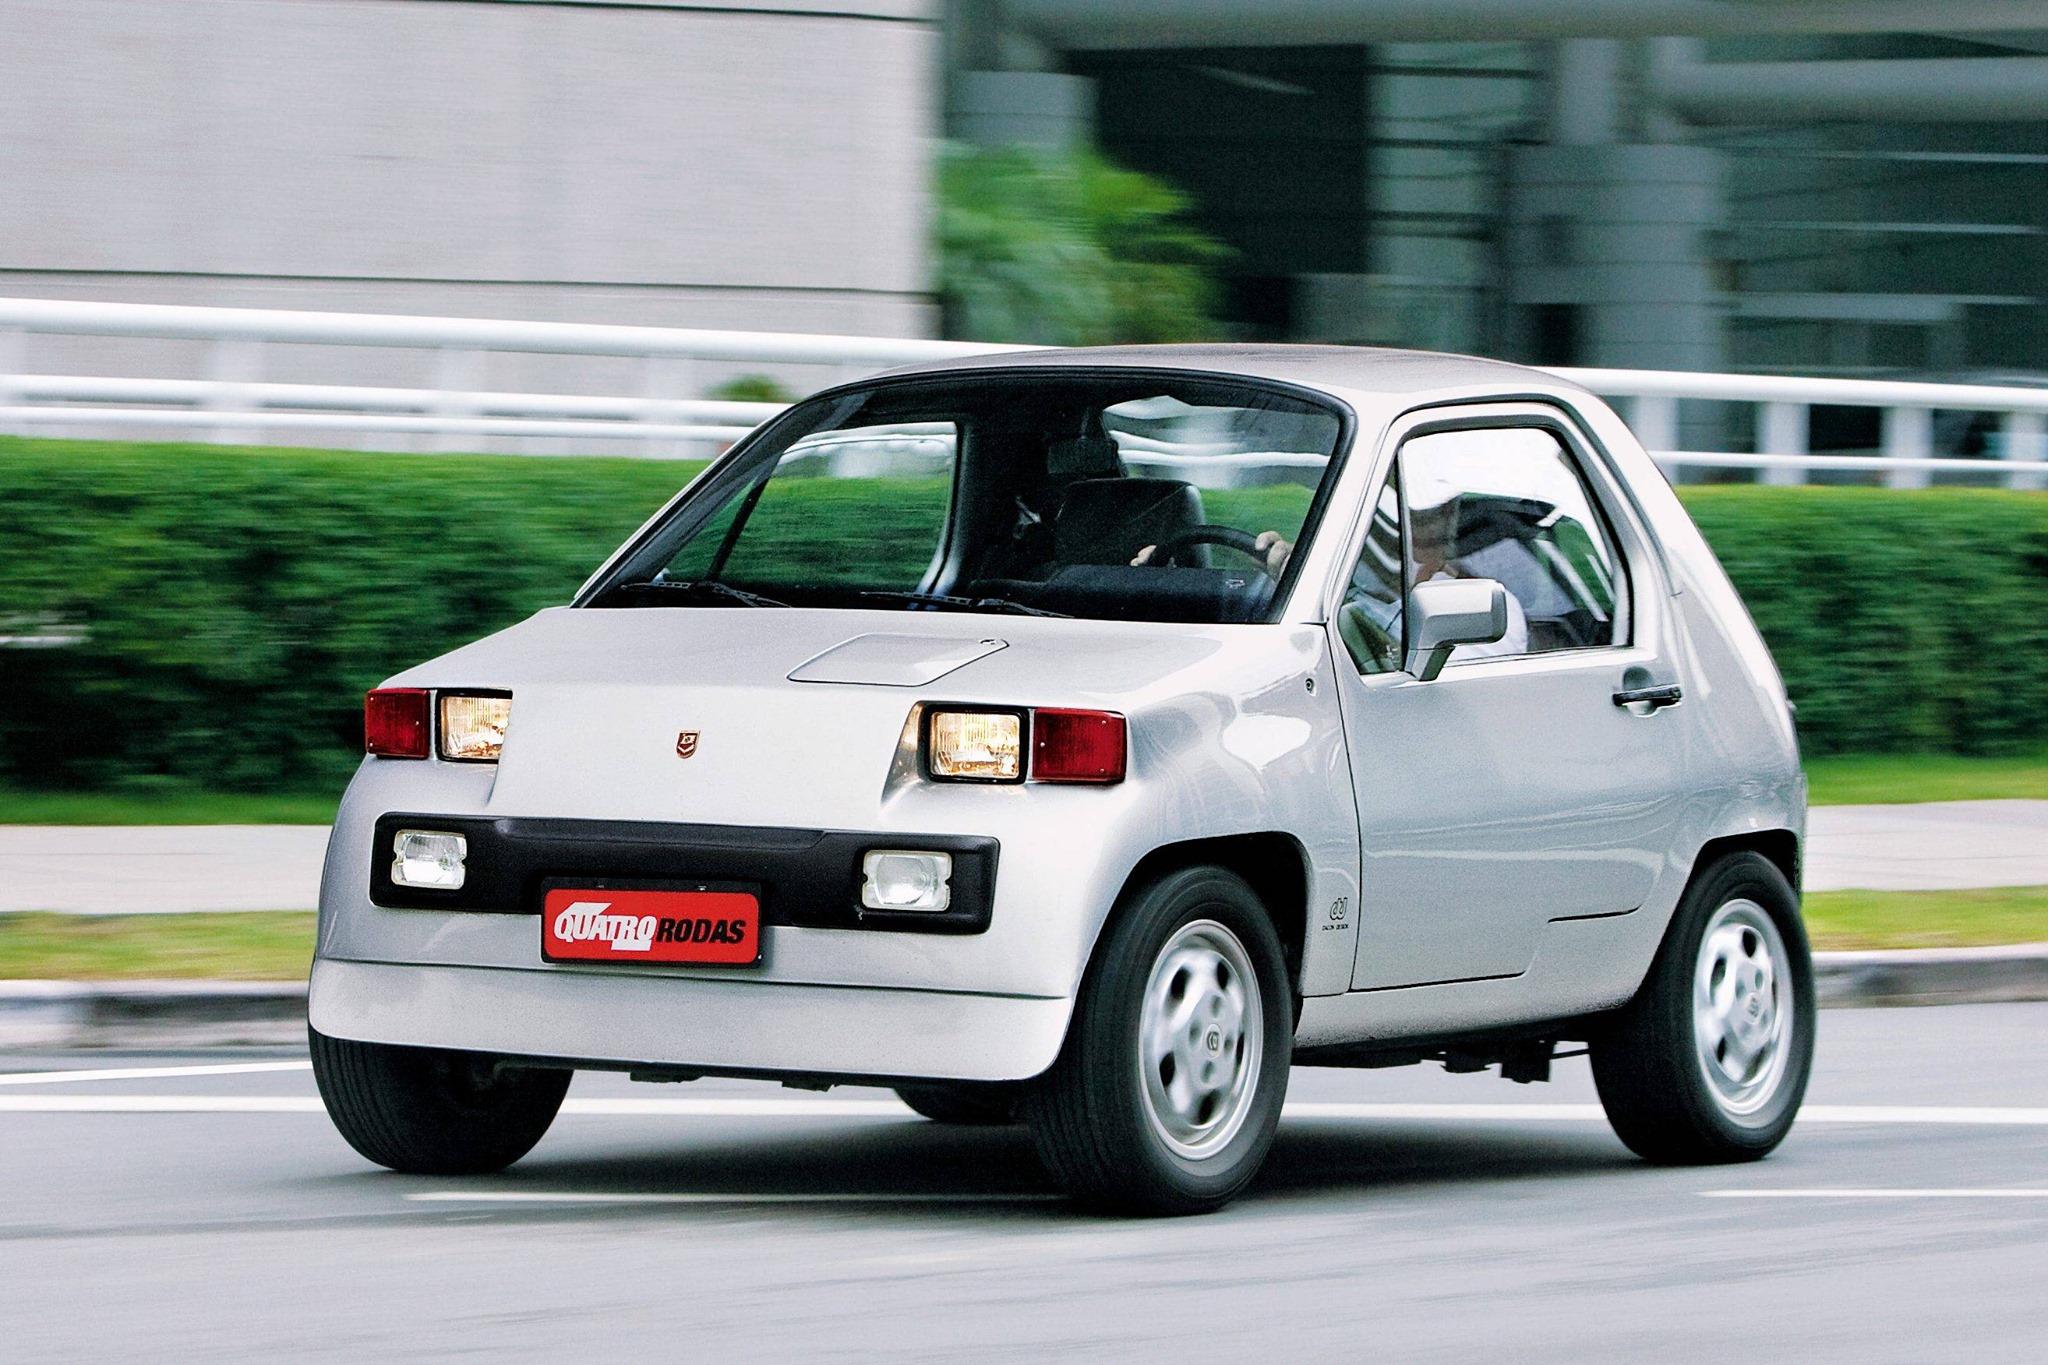 Dacon-828--4X4-Braziliaanse-urban-auto-ontworpen-door-Anisio-Campos.-Het-werd-verkocht-van-1983-tot-juli-1994-4